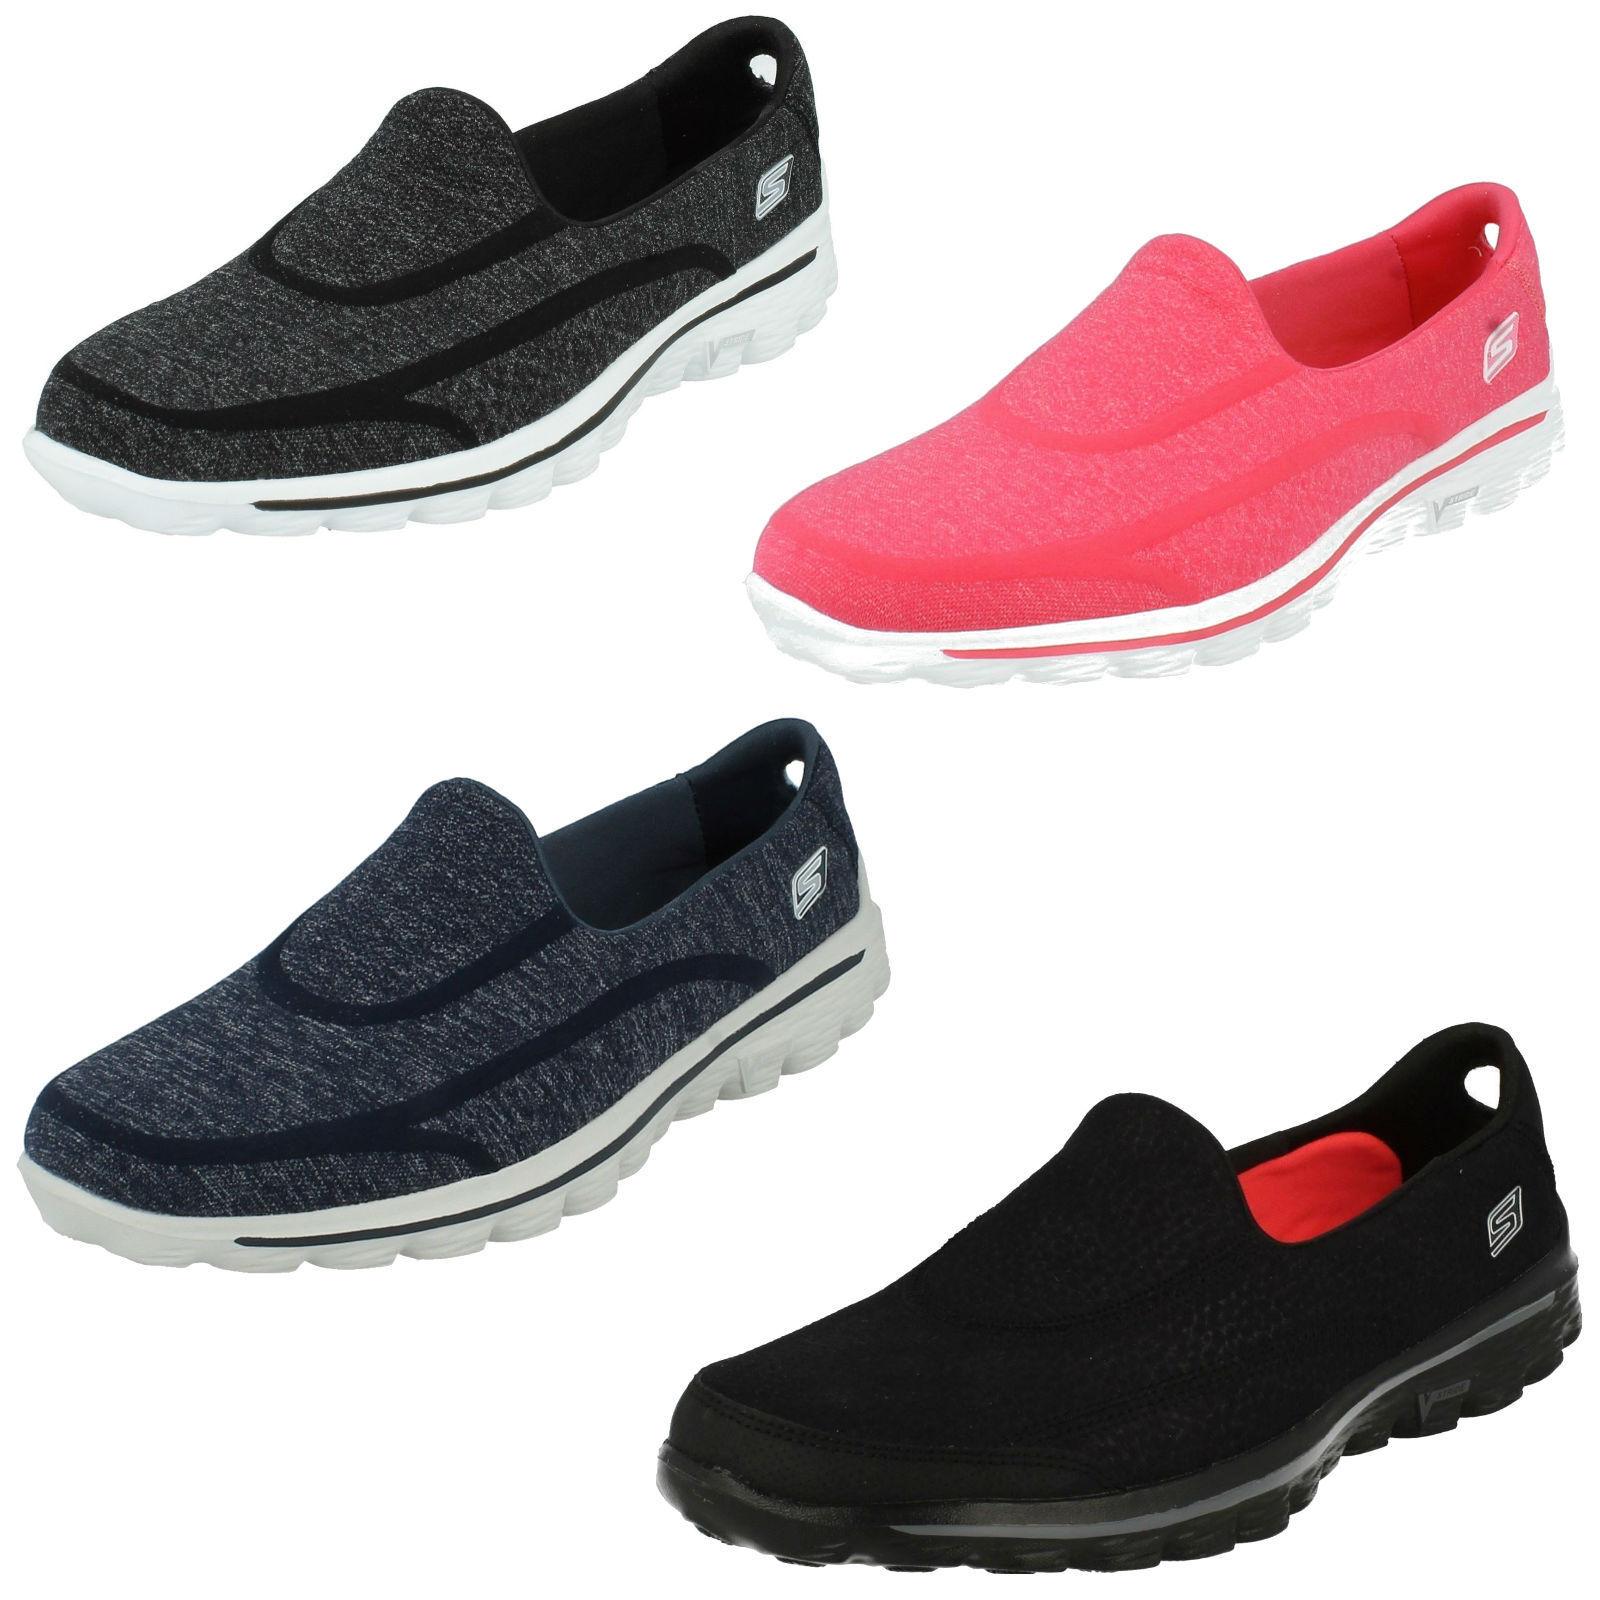 Damas Skechers Go Walk 2 Super Super Super Sock pasear Running Zapatos Zapatillas Deportivas 13955  Precio al por mayor y calidad confiable.